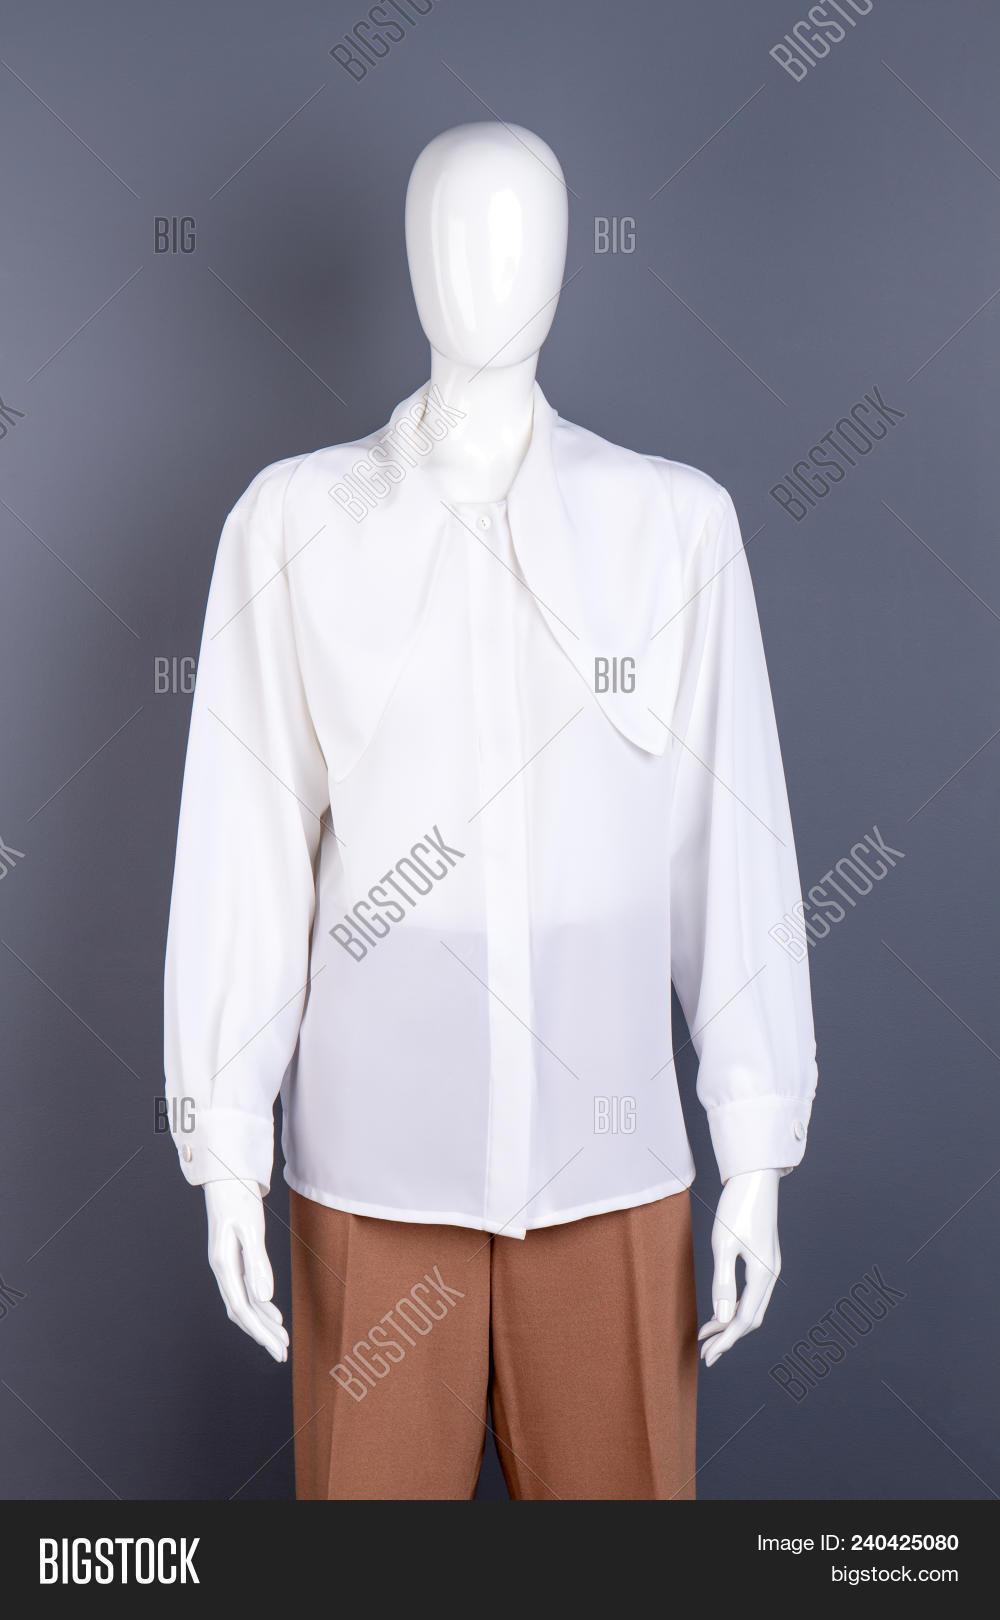 9cb2fe799e9 Long Sleeve Chiffon Blouse Outfit